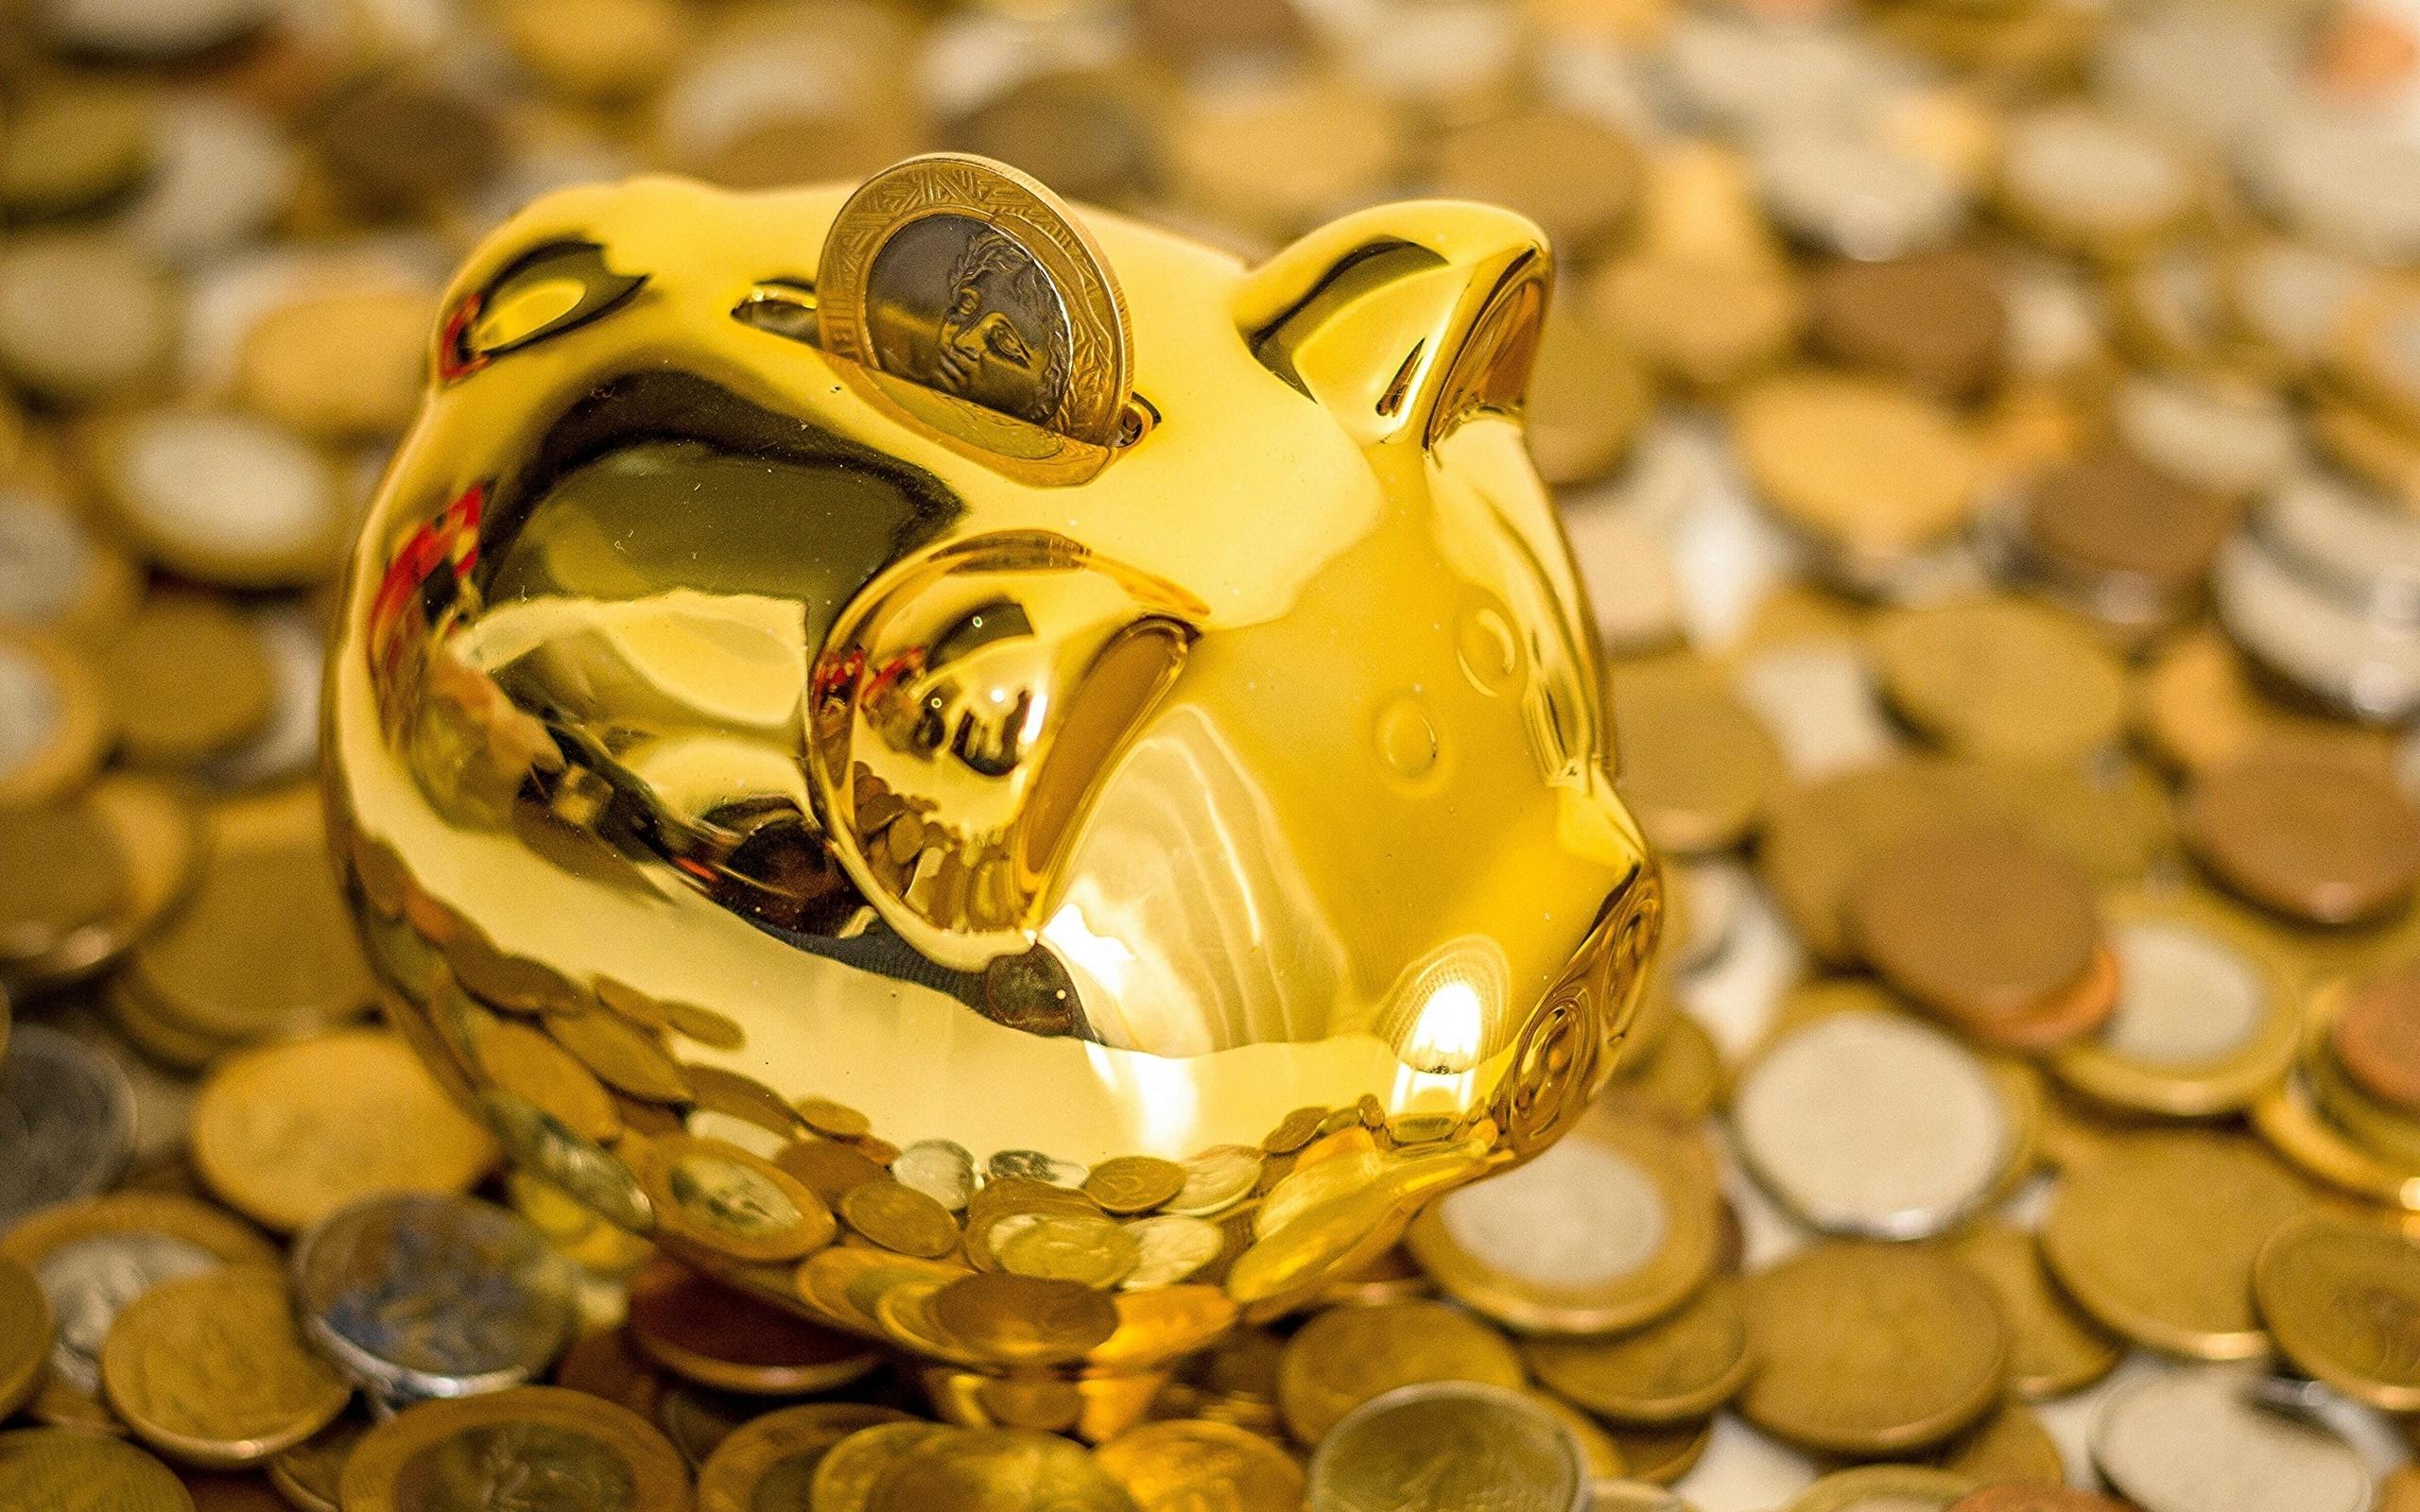 картинки з грошима на удачу собрали самые